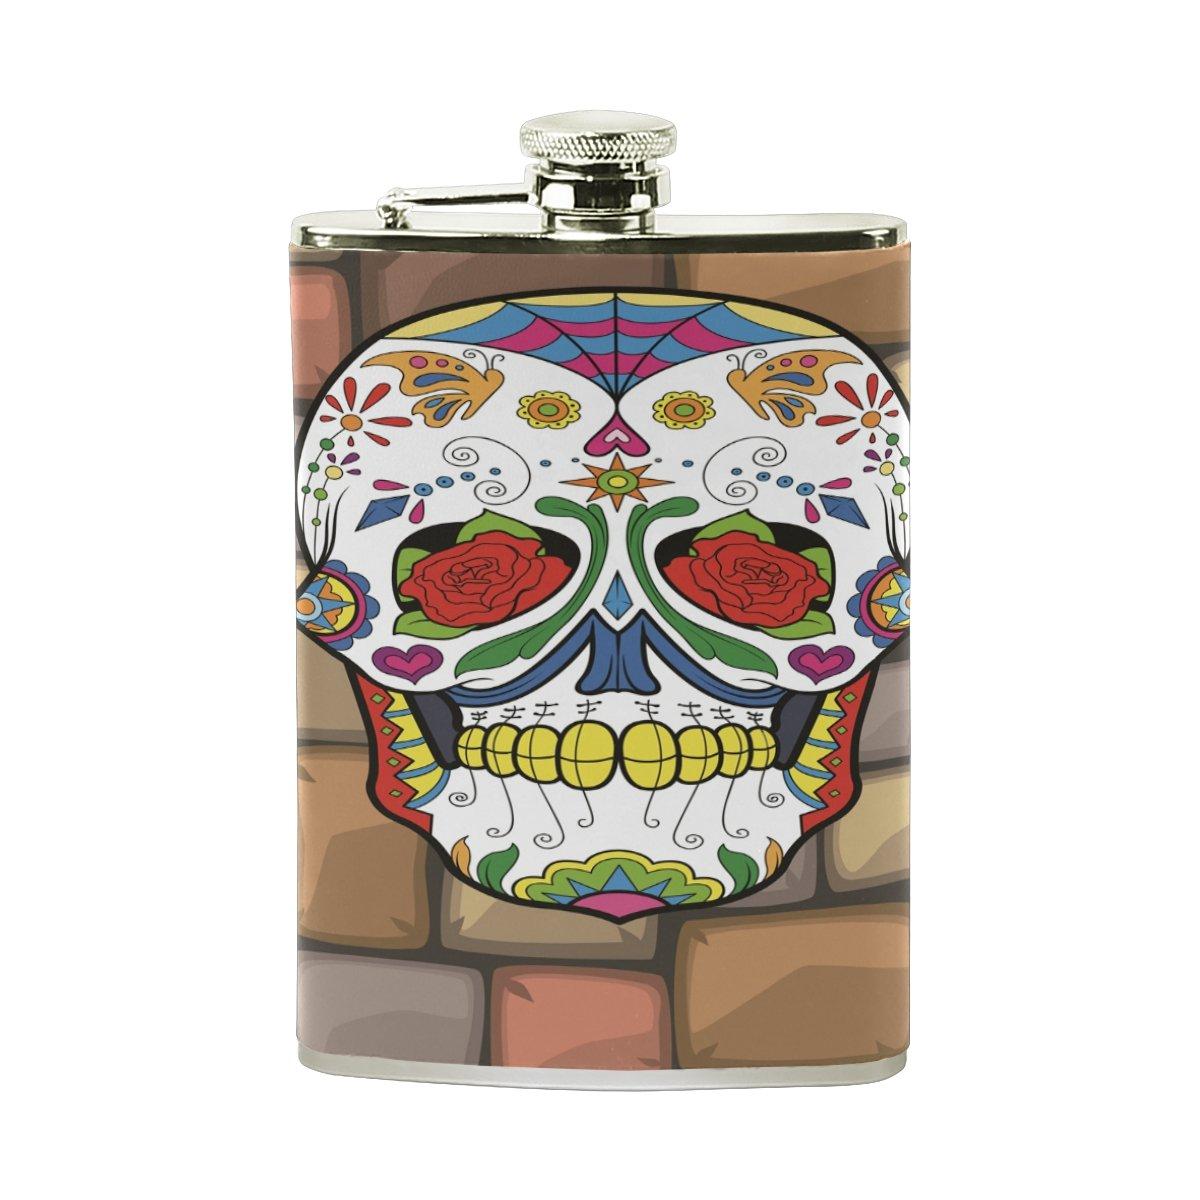 【即納】 Space Skull Ghostヒップフラスコ8オンススチールポケットボトルセットレザーWrapped Flasks Shot Leak Proof ForメンズレディースLiquor Shot Drinking Cute 15.6cm*9.6cm (H*L) FENNEN-10 Cute Skull B07CNH39M3, 生地手芸のユザワヤ3号館-卸販売:1f2b3339 --- a0267596.xsph.ru